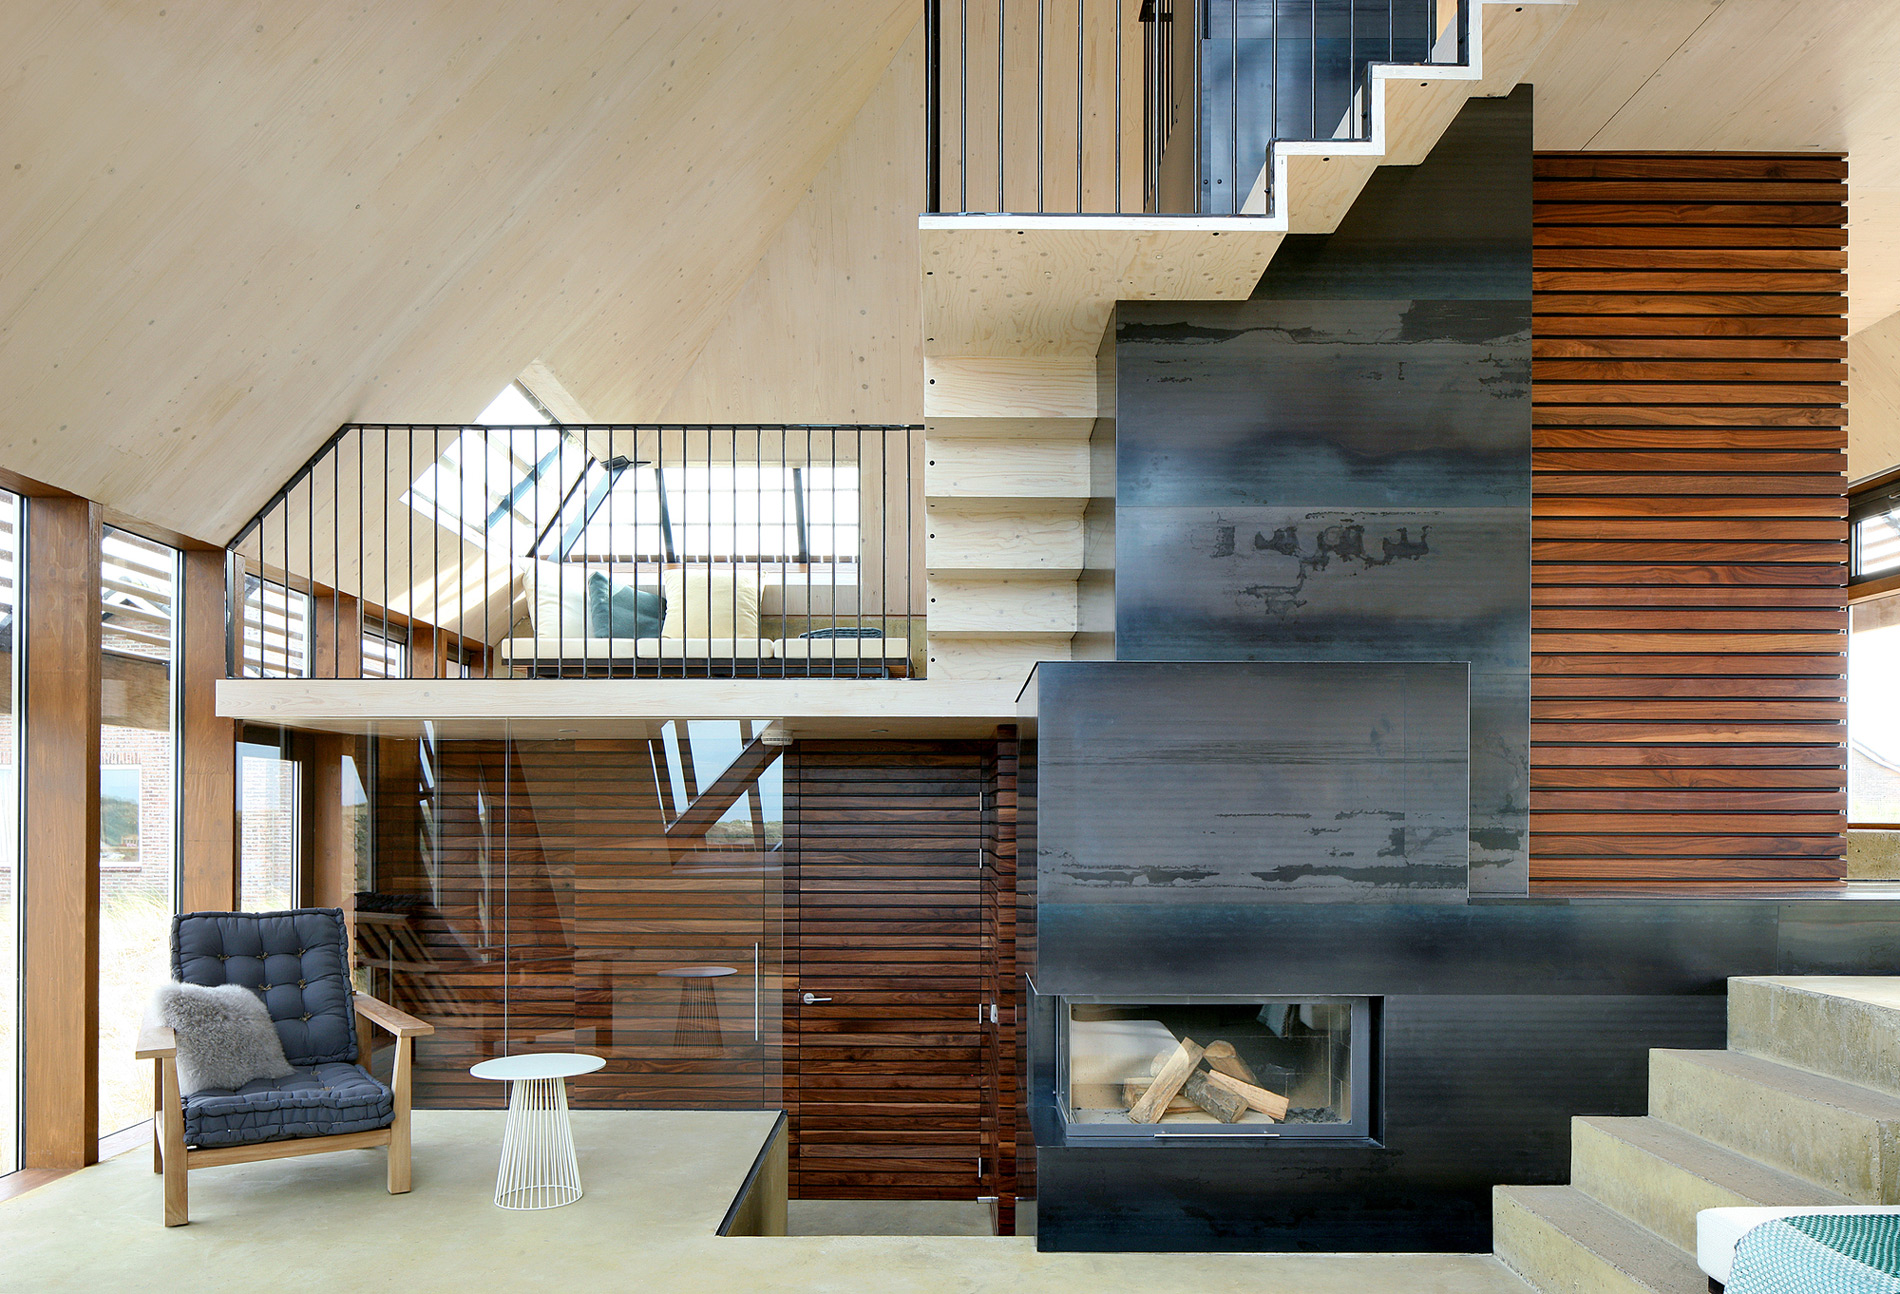 Dune House / Marc Koehler Architects (15)